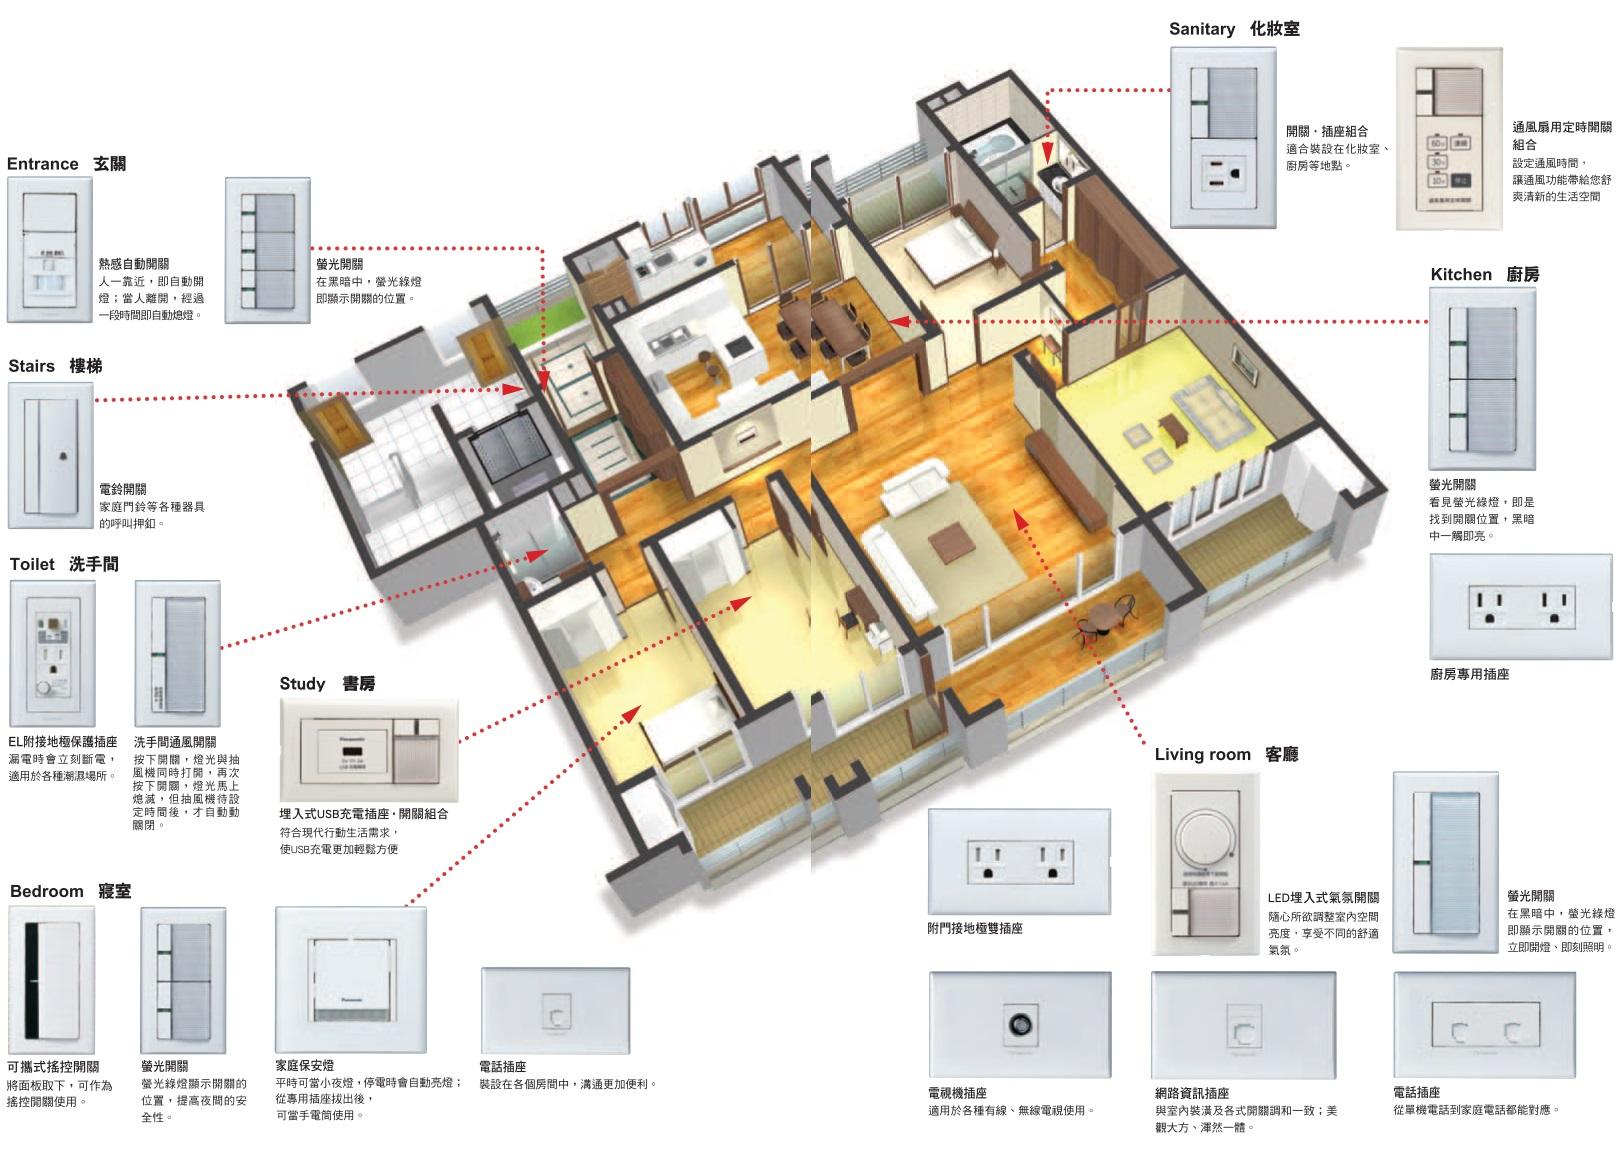 室內統合配置立體圖